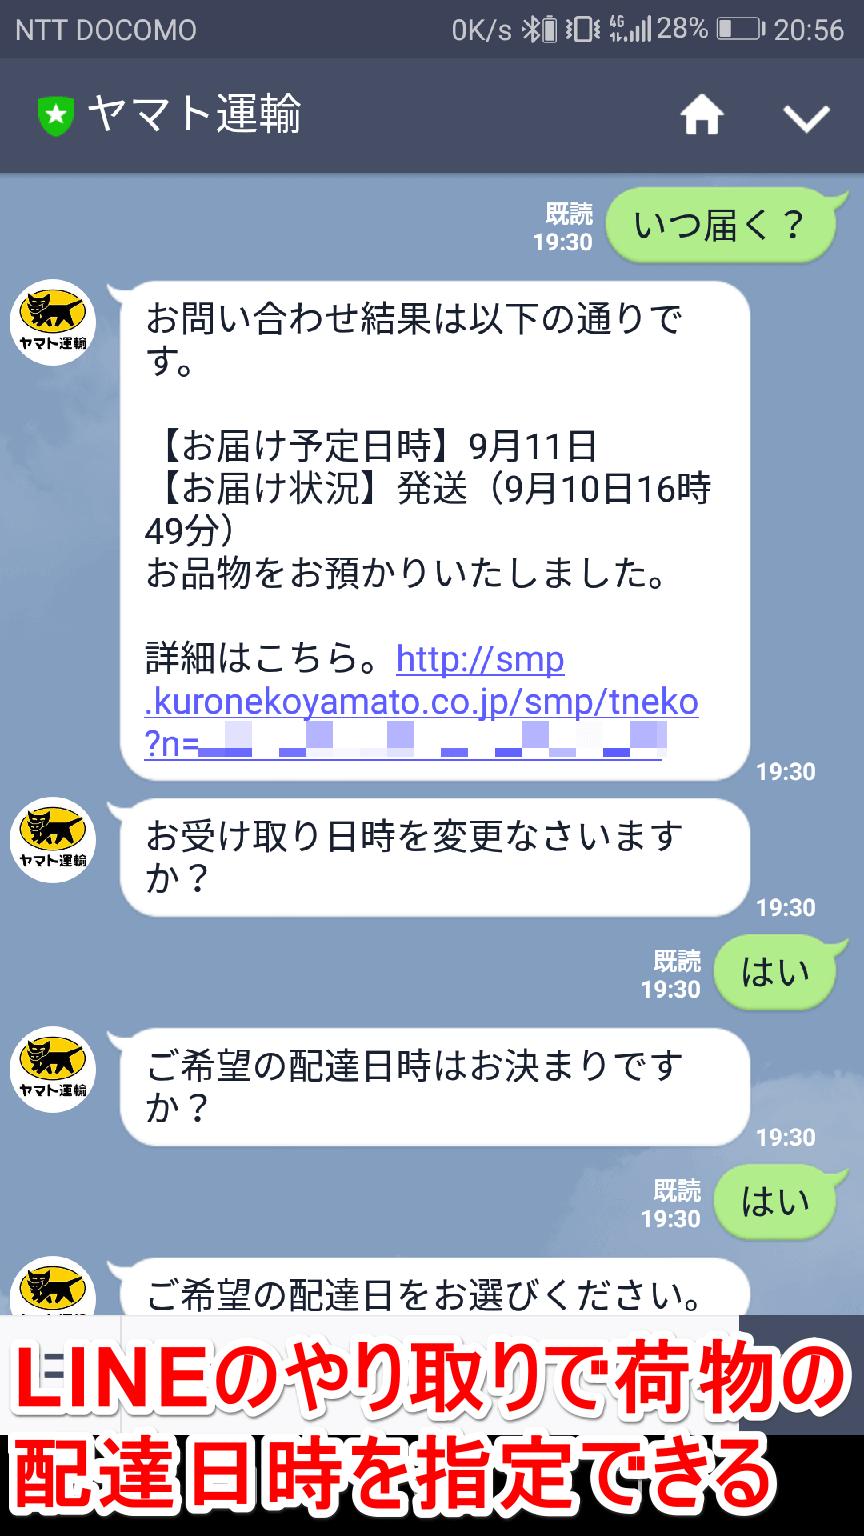 クロネコヤマトのLINE画面(クロネコメンバーズ連携)